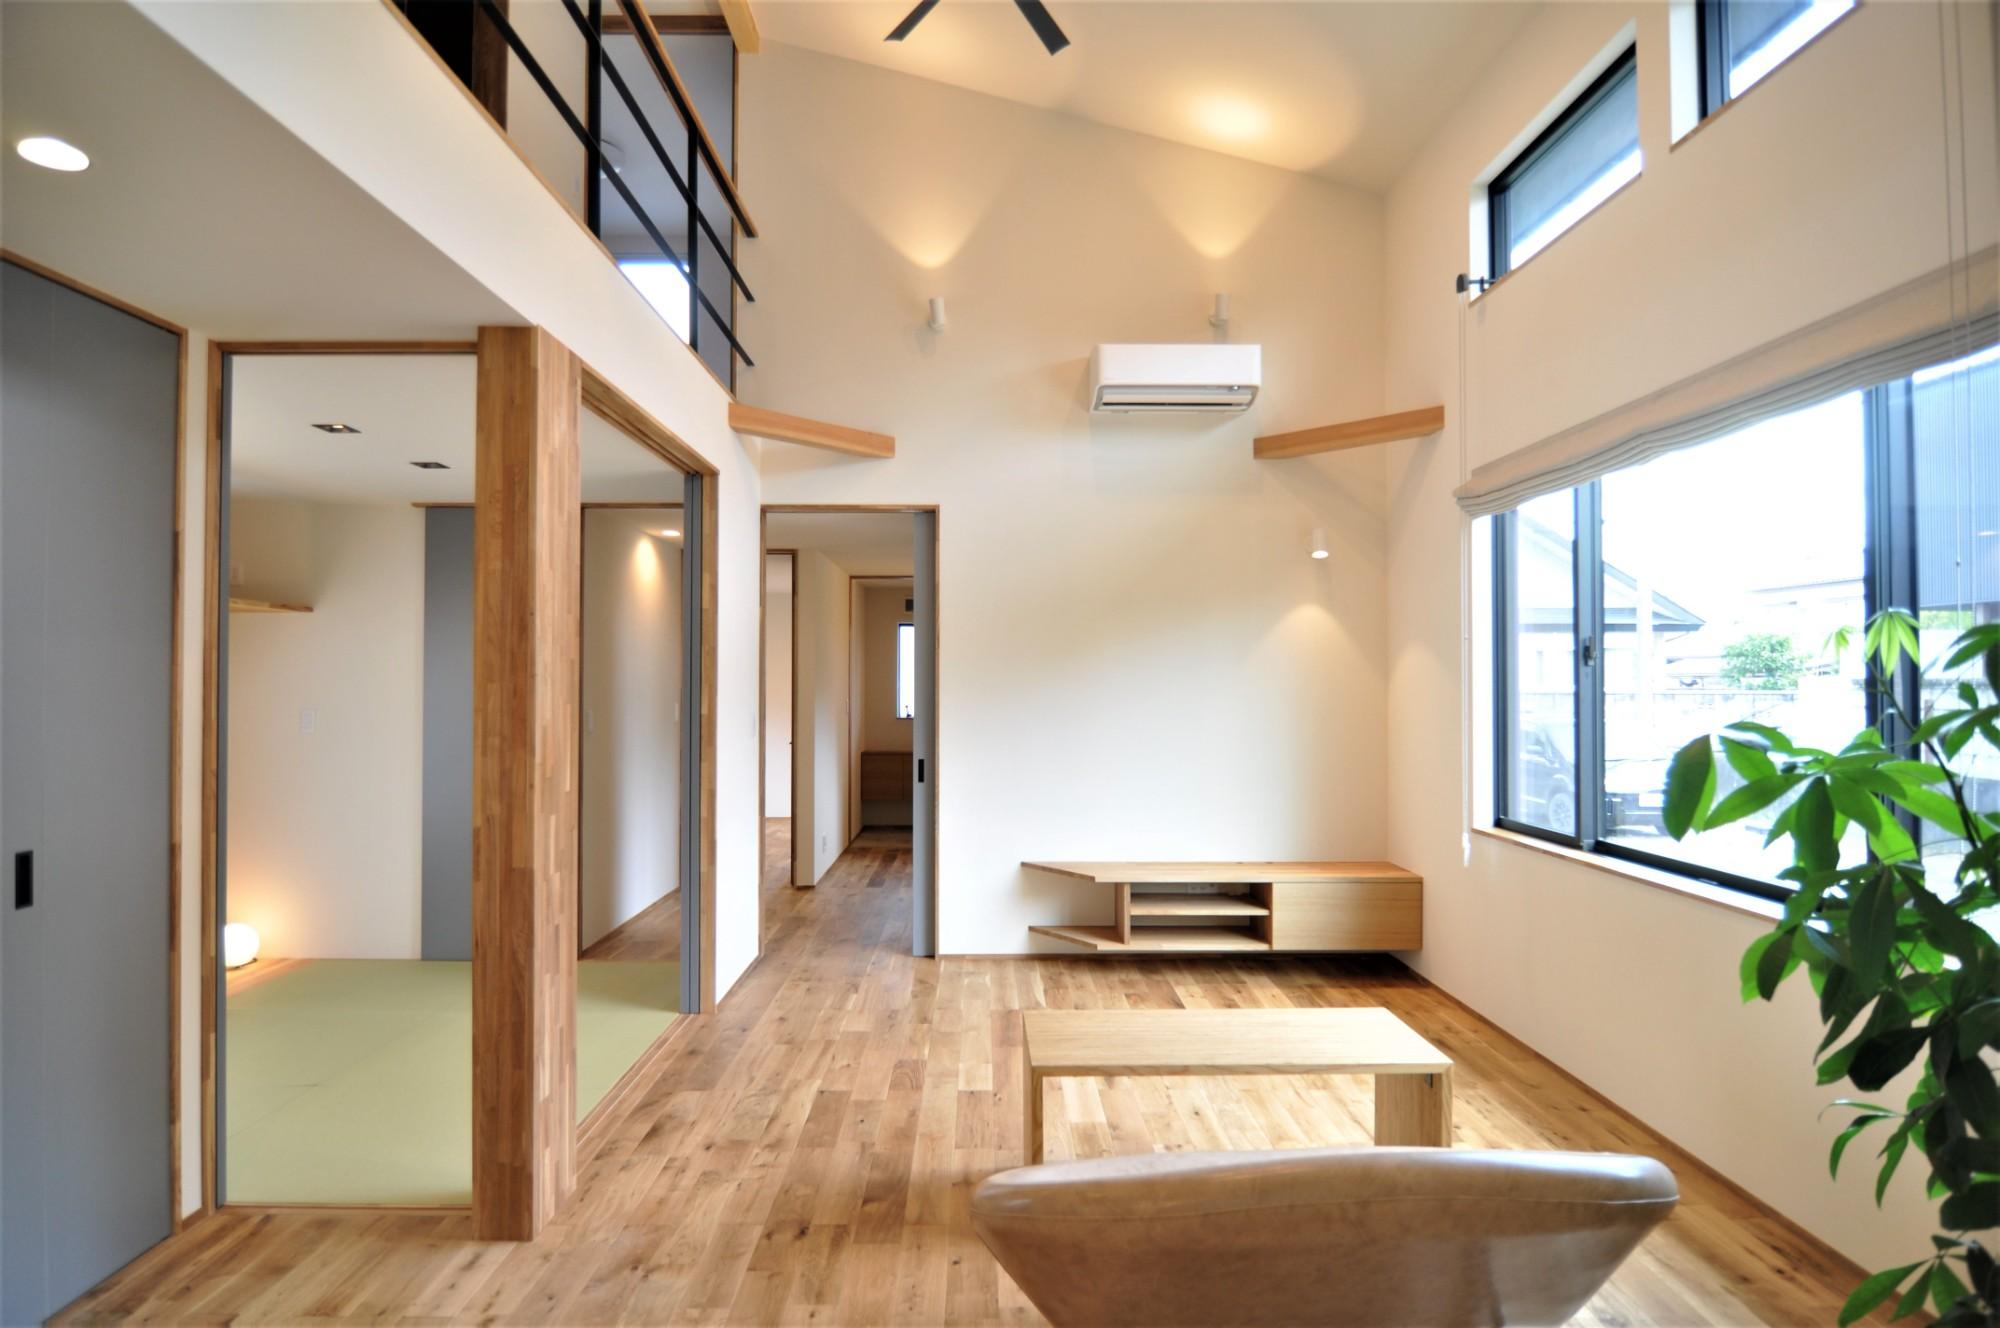 有限会社 市川建築店 1級建築士事務所「オーク床とエッグウォールの調湿住宅(認定低炭素住宅)」のシンプル・ナチュラルなリビング・ダイニングの実例写真